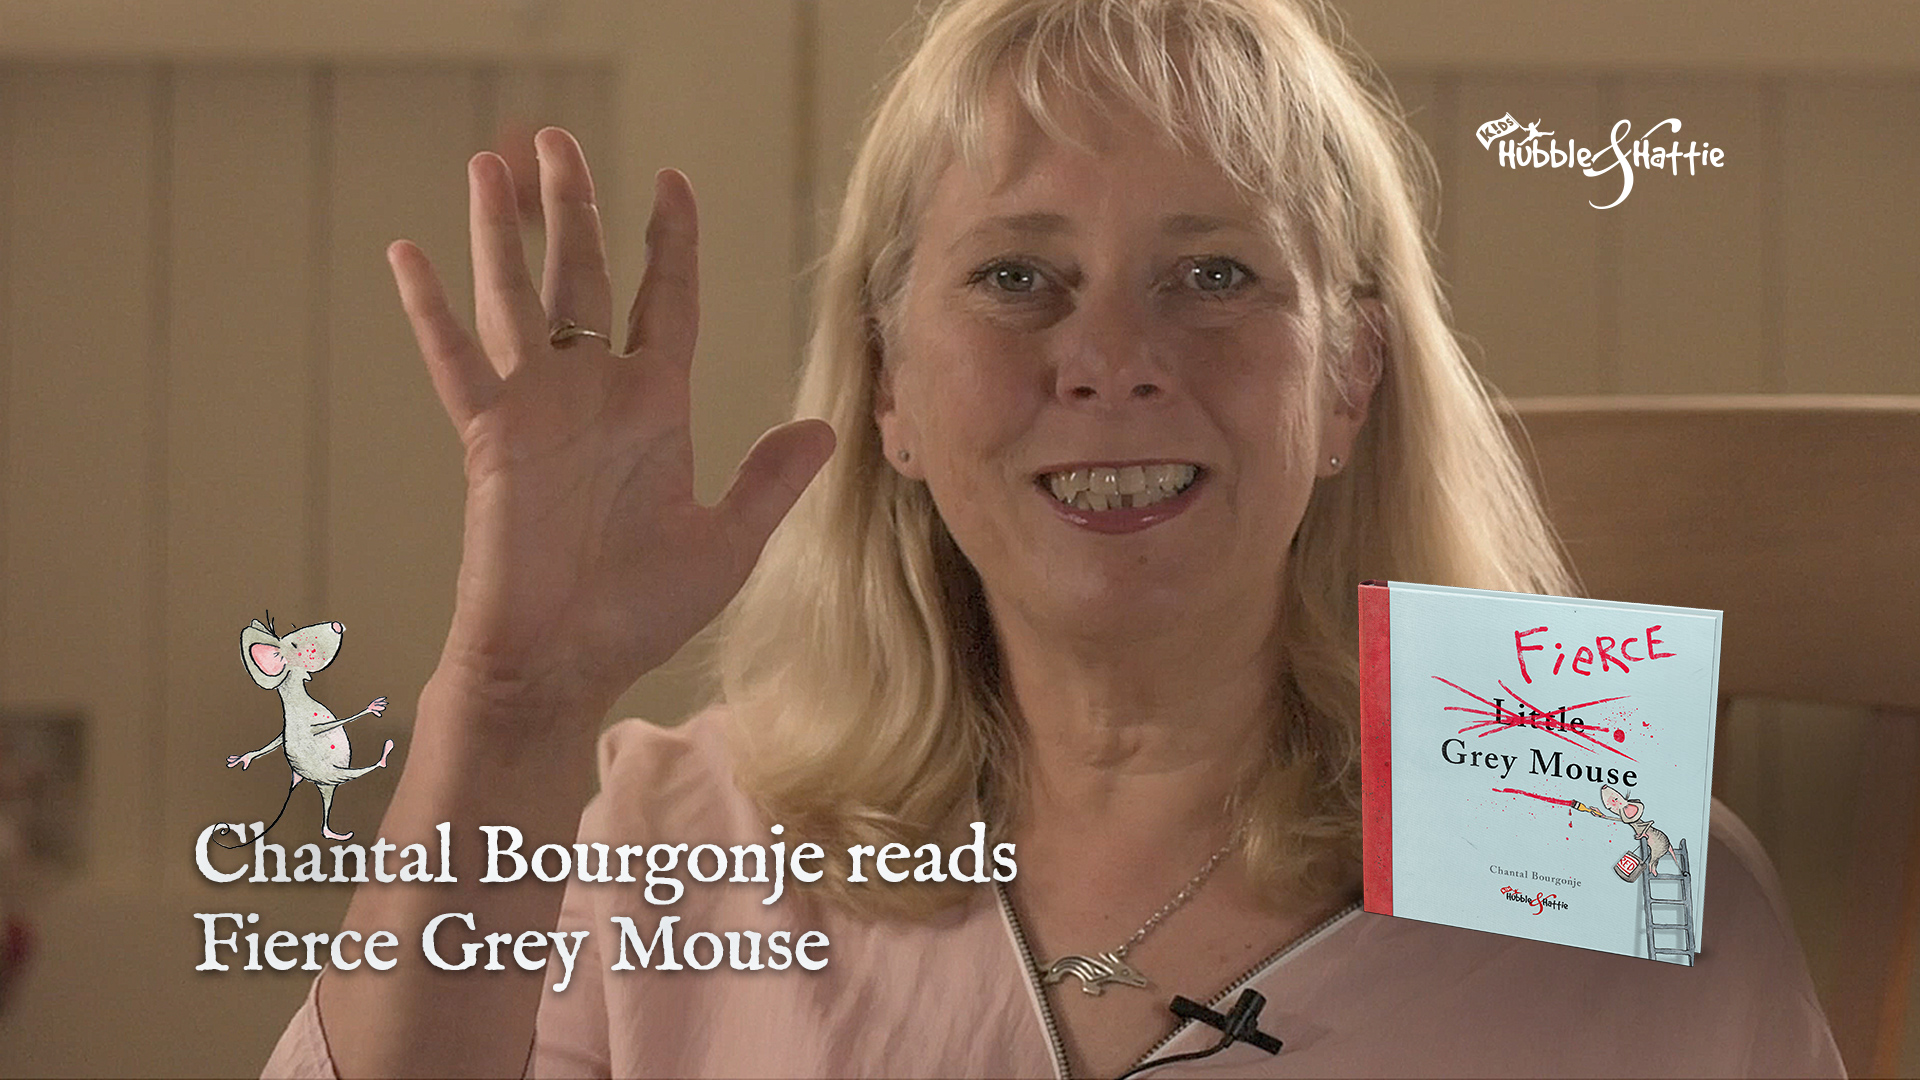 Listen to Chantal Bourgonje read Fierce Grey Mouse